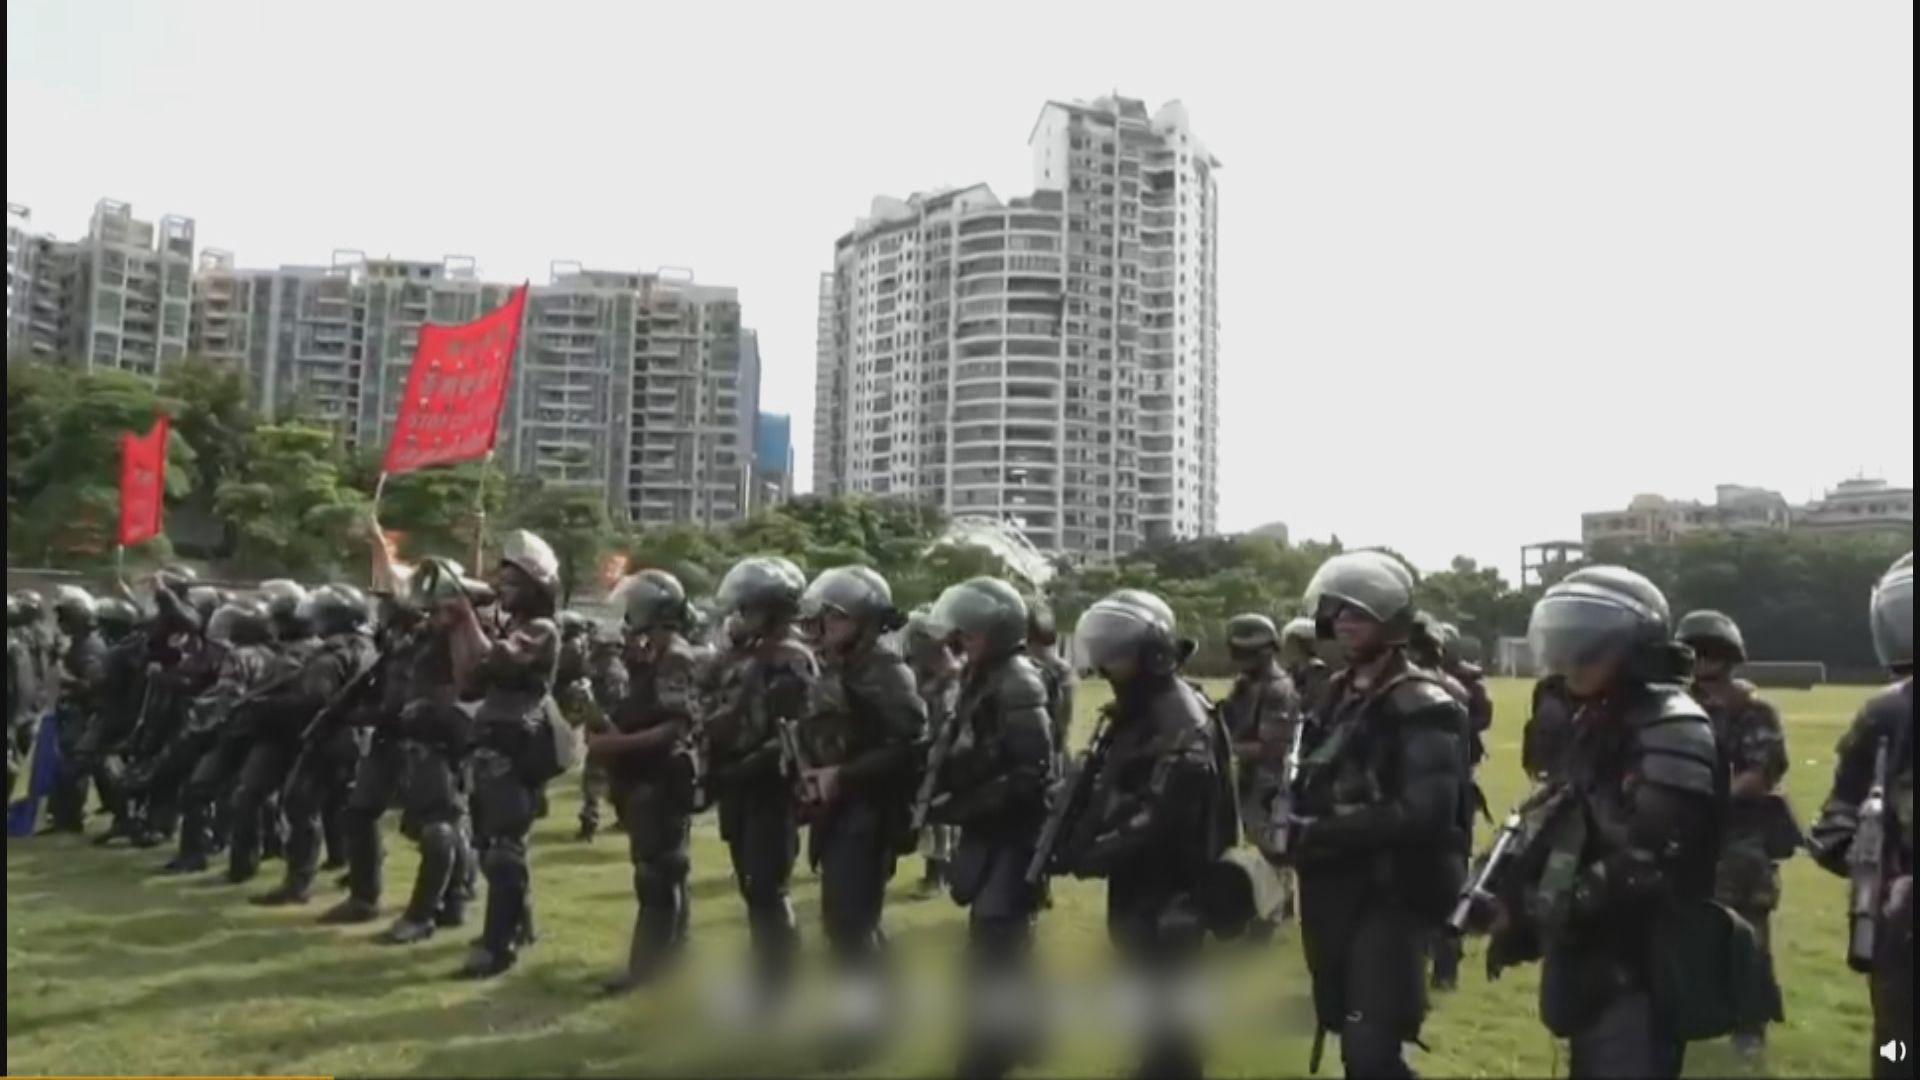 公安武警深圳演練廣東話喊「停止暴力、回頭是岸」